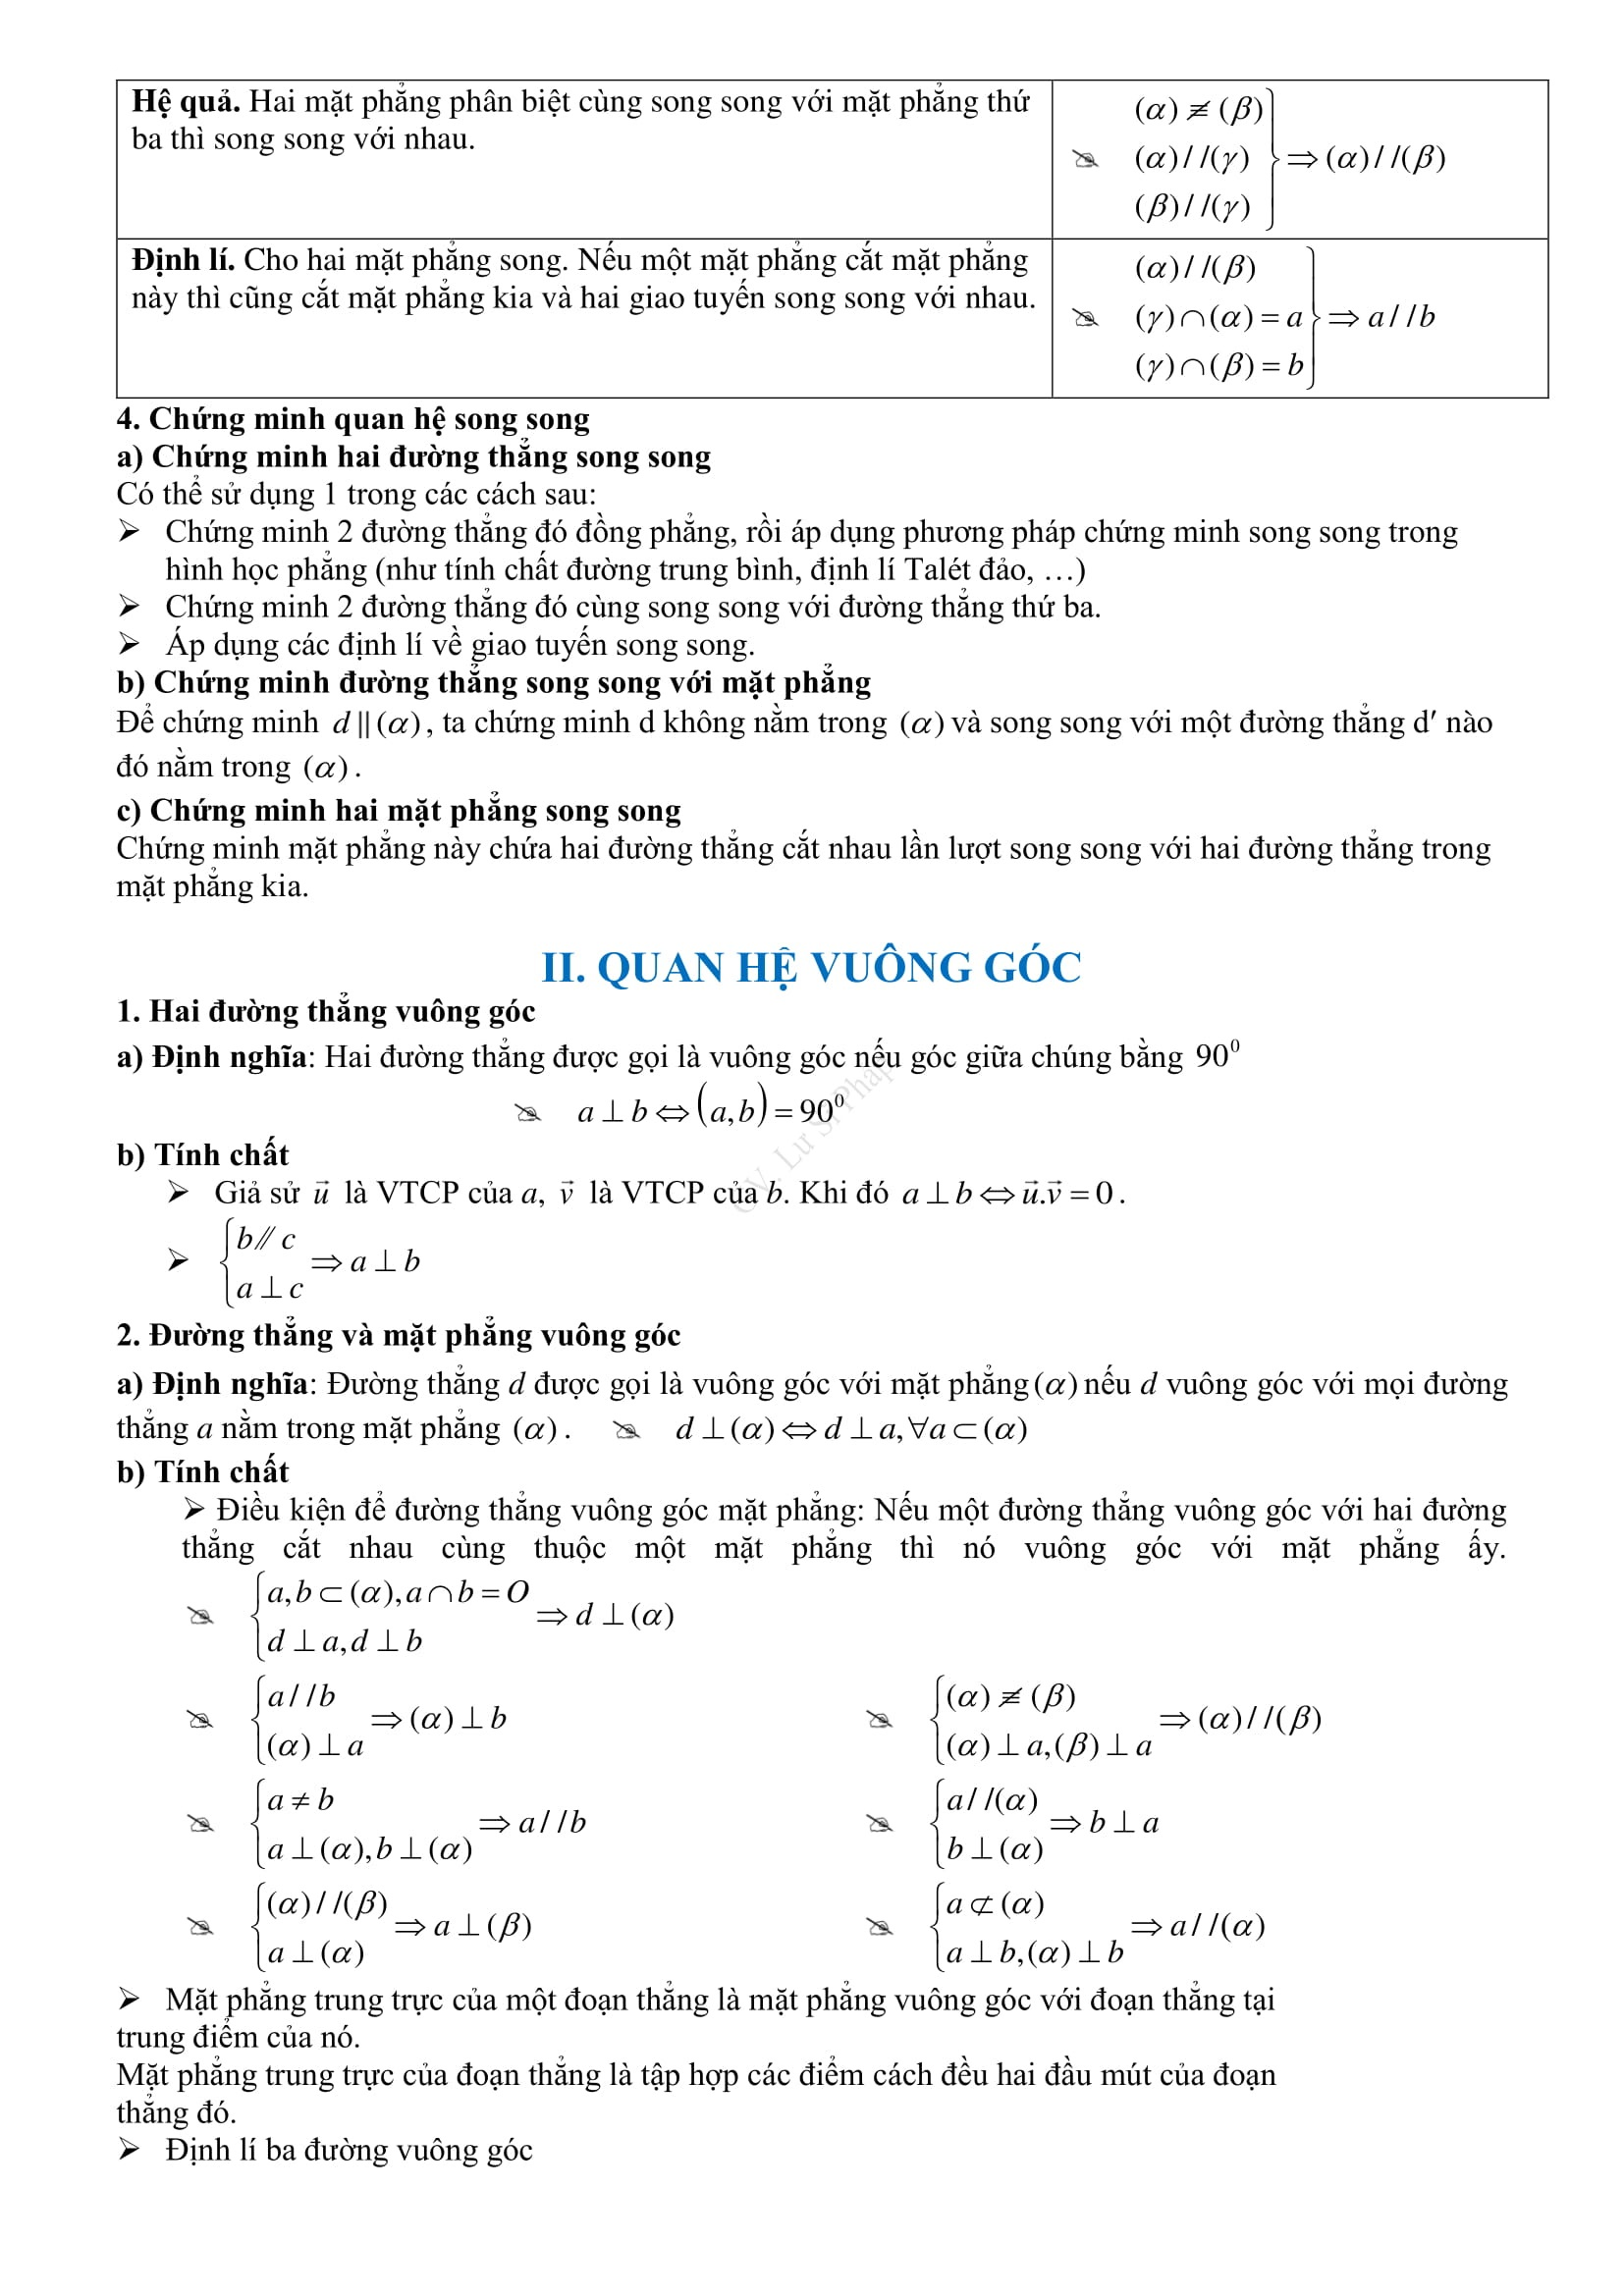 Toán 12 Chuyên đề 1: Khối đa diện và thể tích của chúng